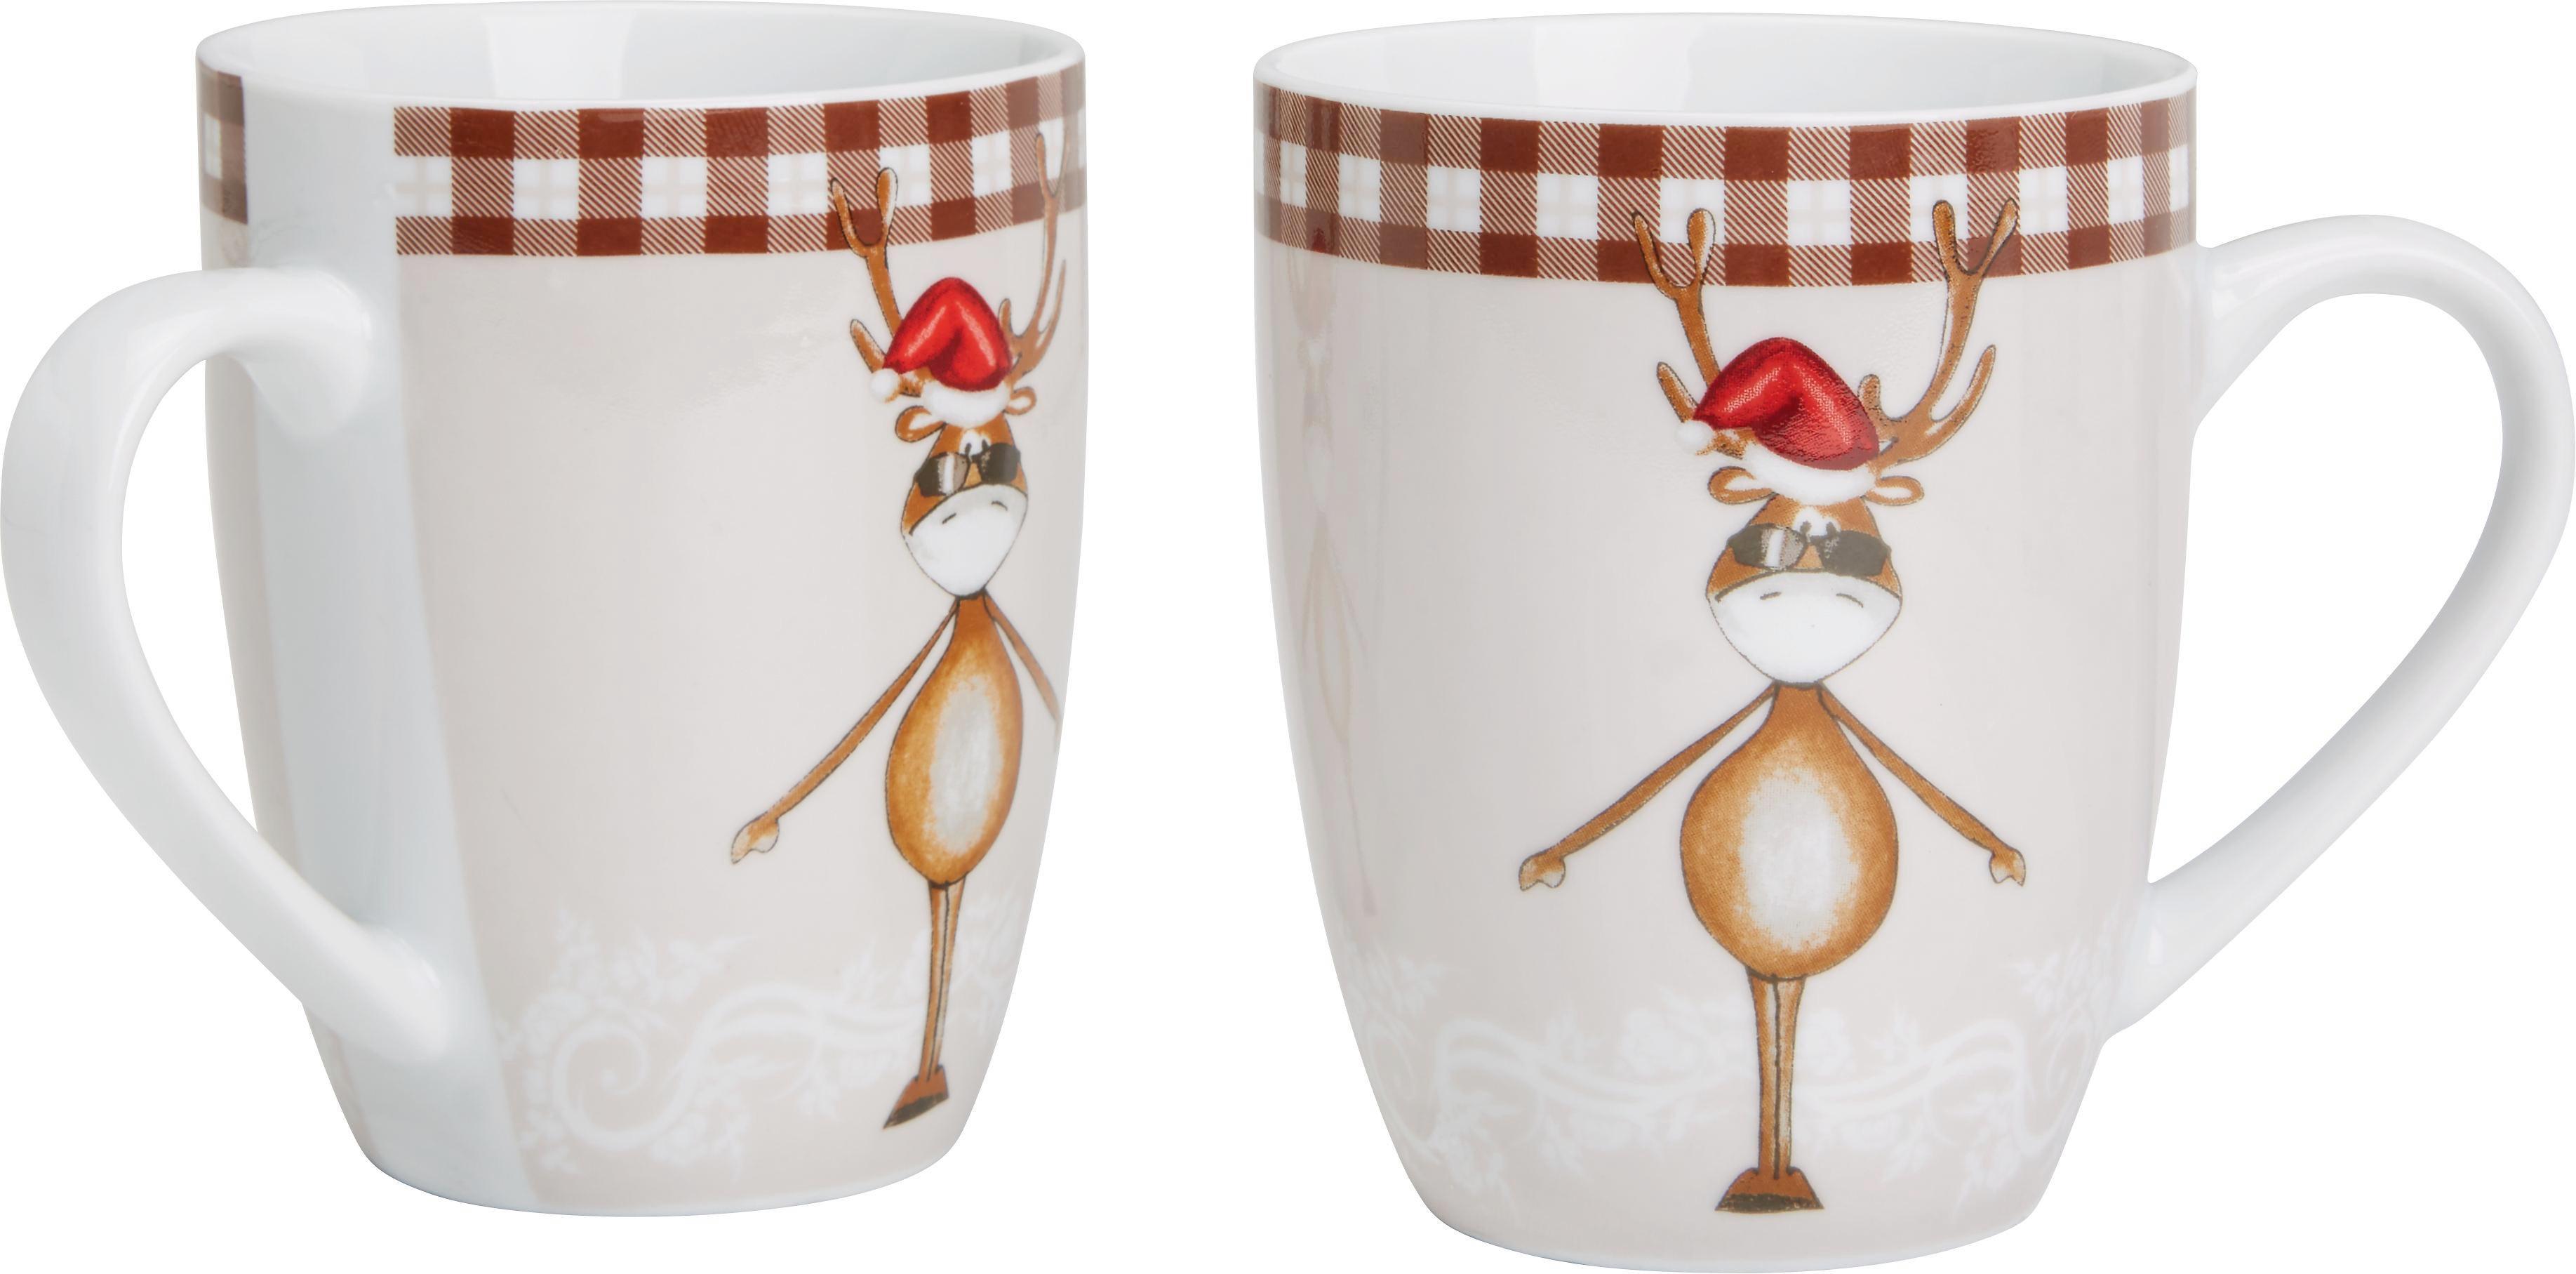 Kaffeebecher Maddy 2-er Set - Multicolor, KONVENTIONELL, Keramik (8,4/10,4cm) - MÖMAX modern living